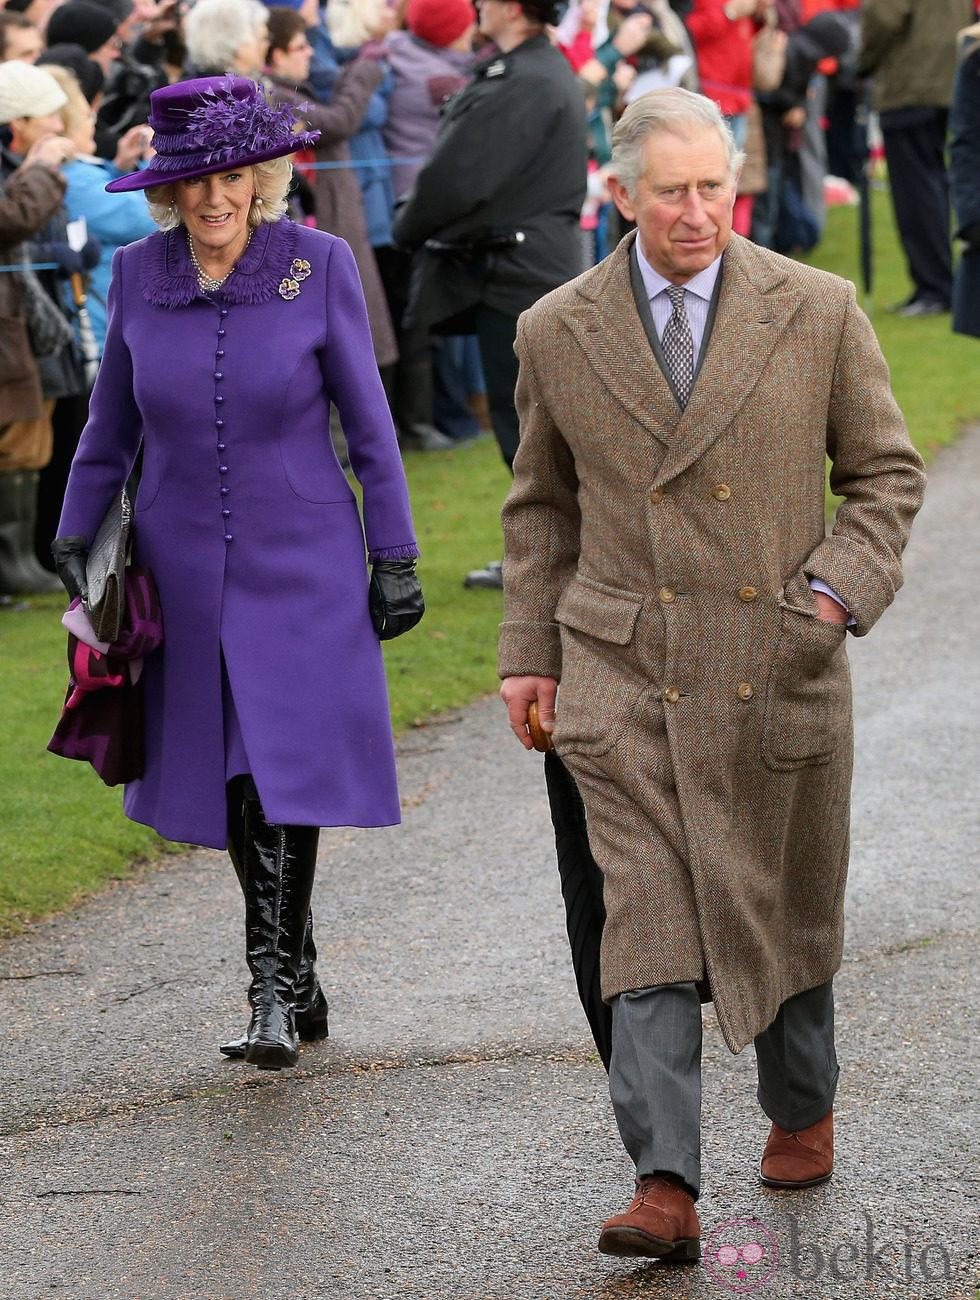 El Príncipe de Gales y la Duquesa de Cornualles en la Misa de Navidad en Sandringham